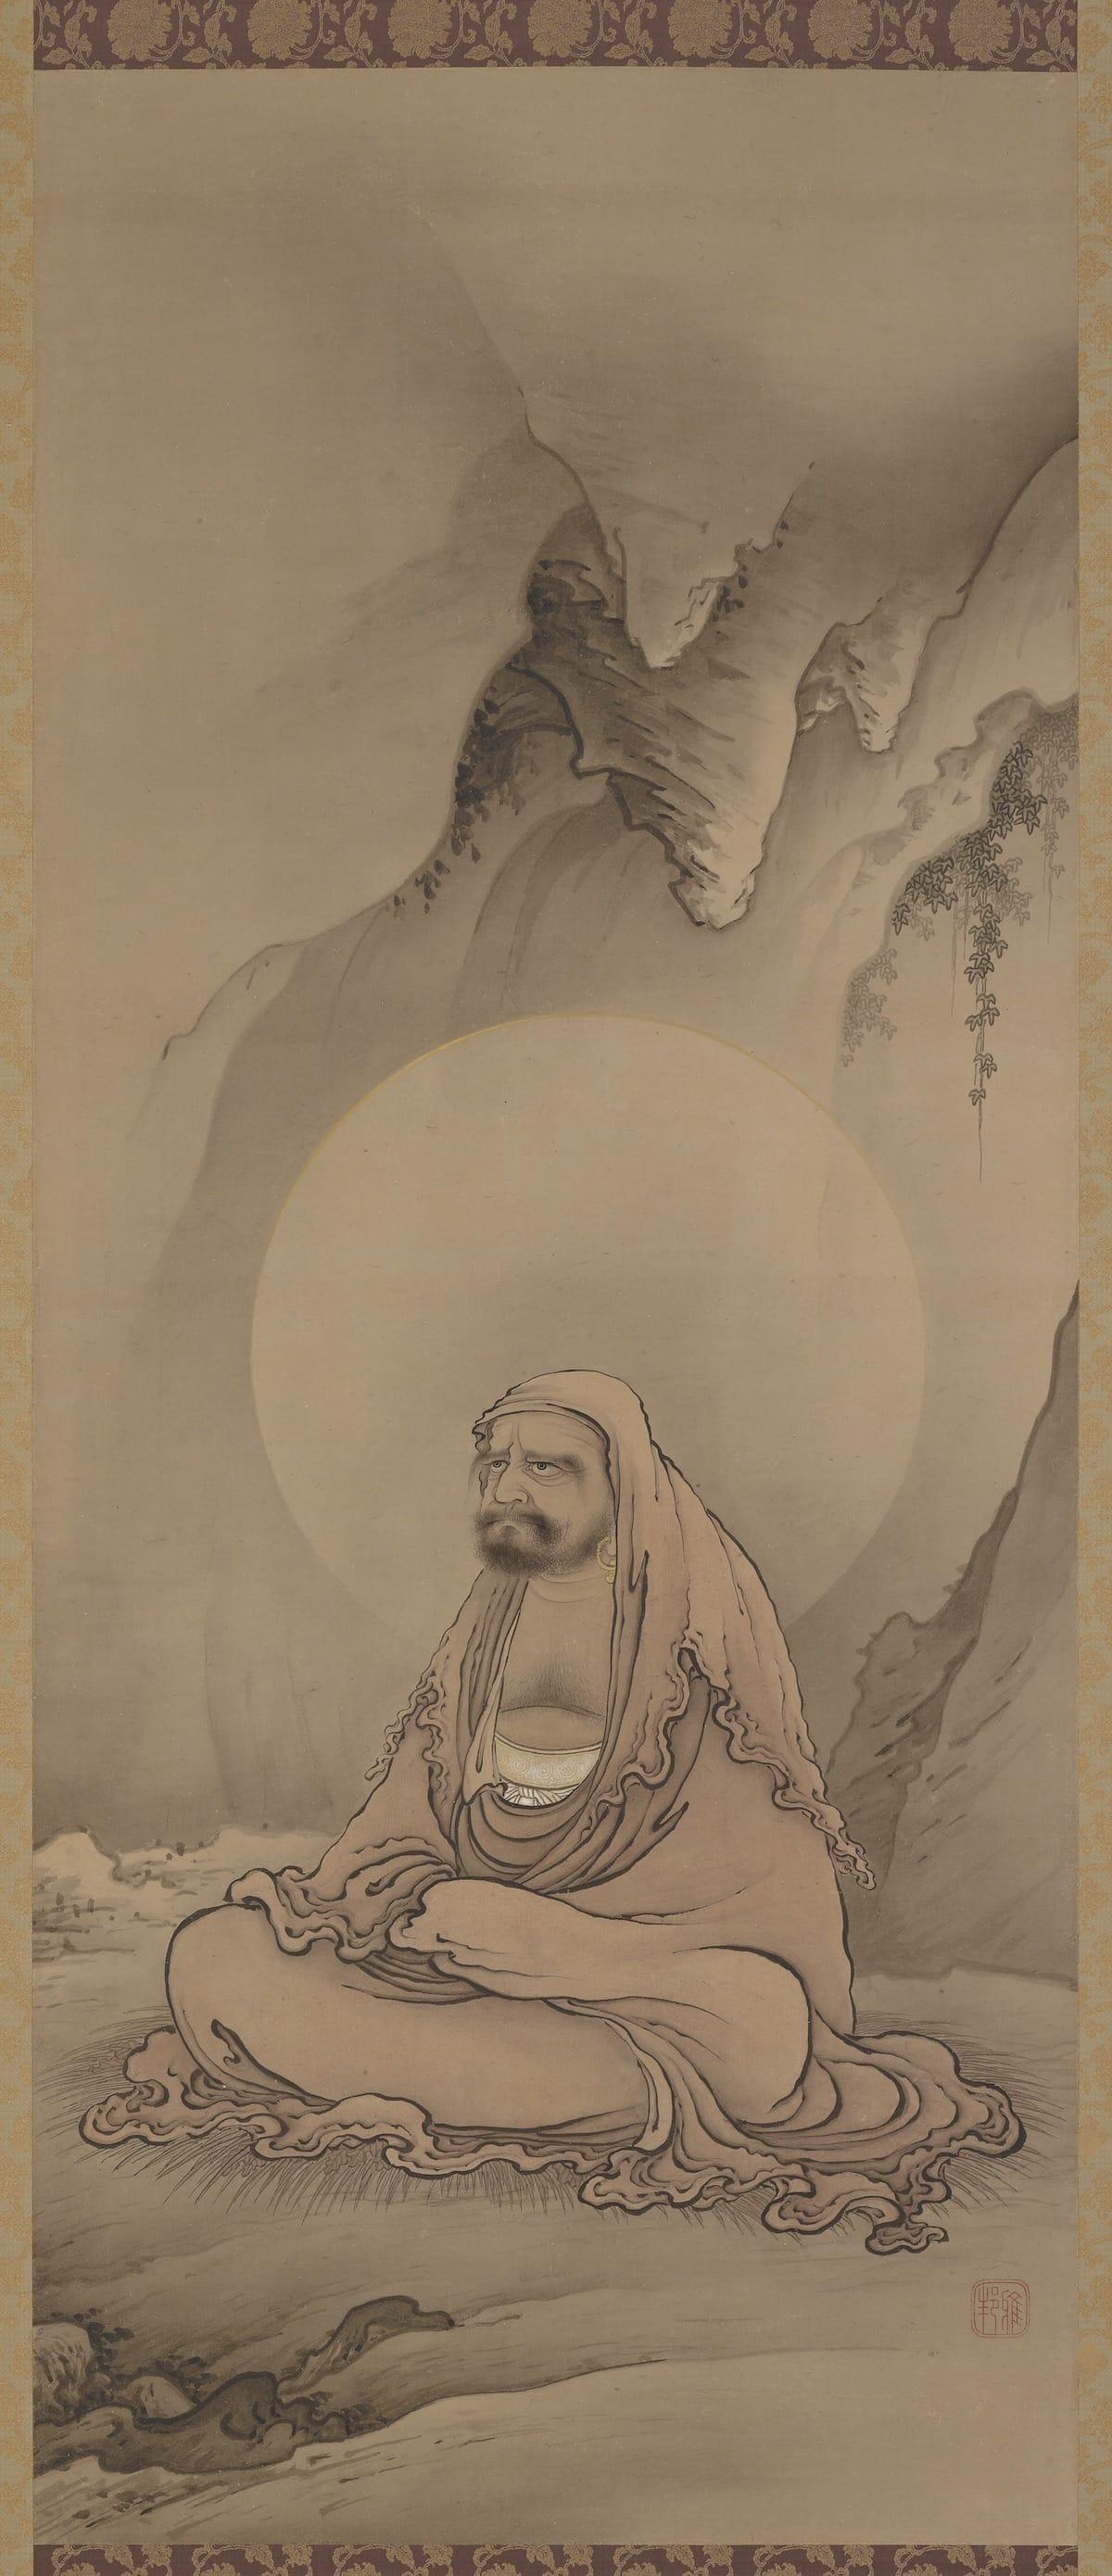 Heart Sutra, Huayan Sutra, Robert Aitken, Zen, Lion's Roar, Buddhism, Buddhadharma